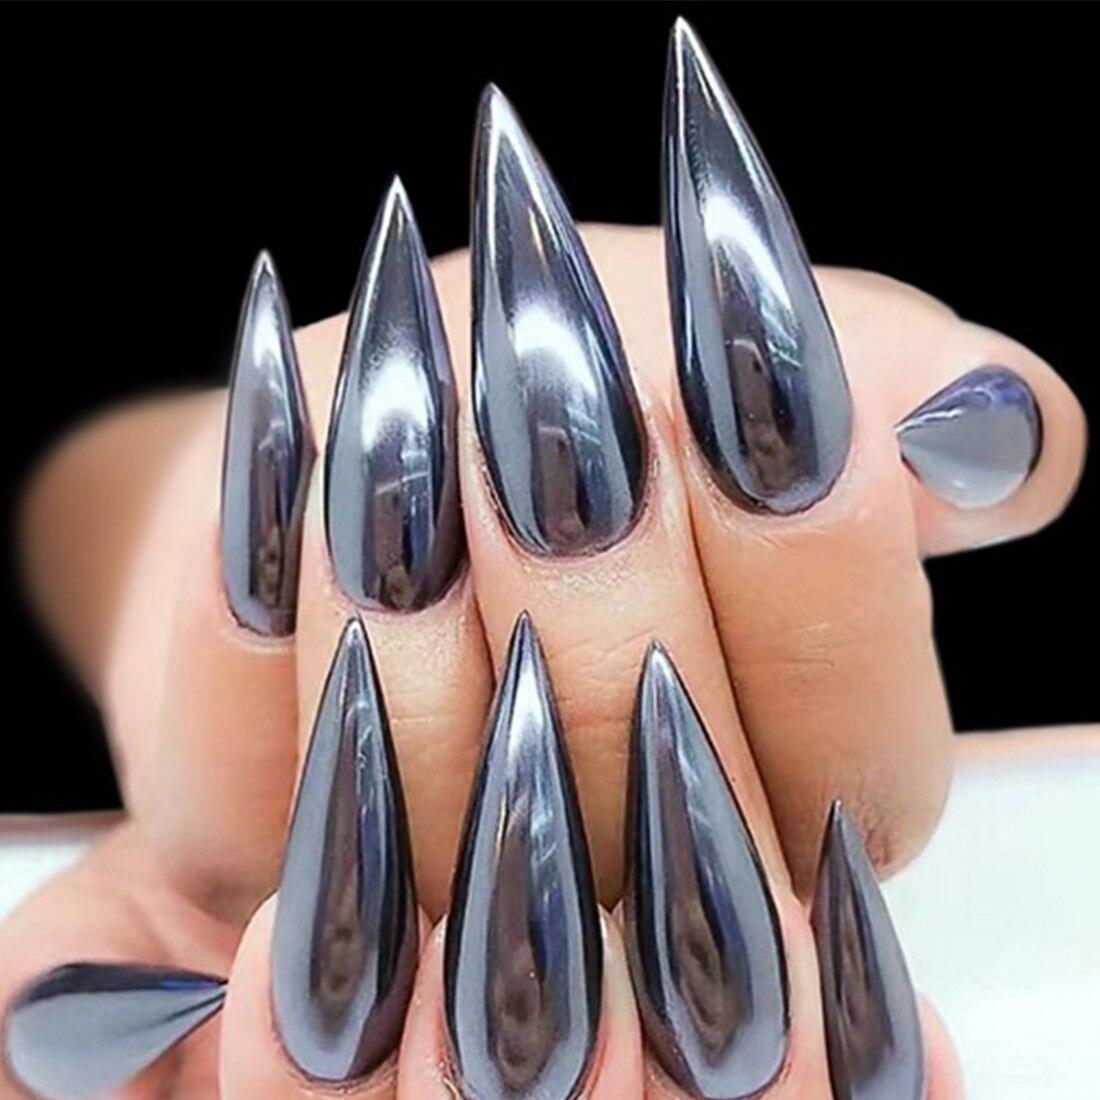 1 Gr/schachtel Super Magische Schwarze Spiegel Nagel Glitter Dazzling Glänzende Pulver Chrom Pigment Shiny Staub Pailletten Nail Art Dekorationen